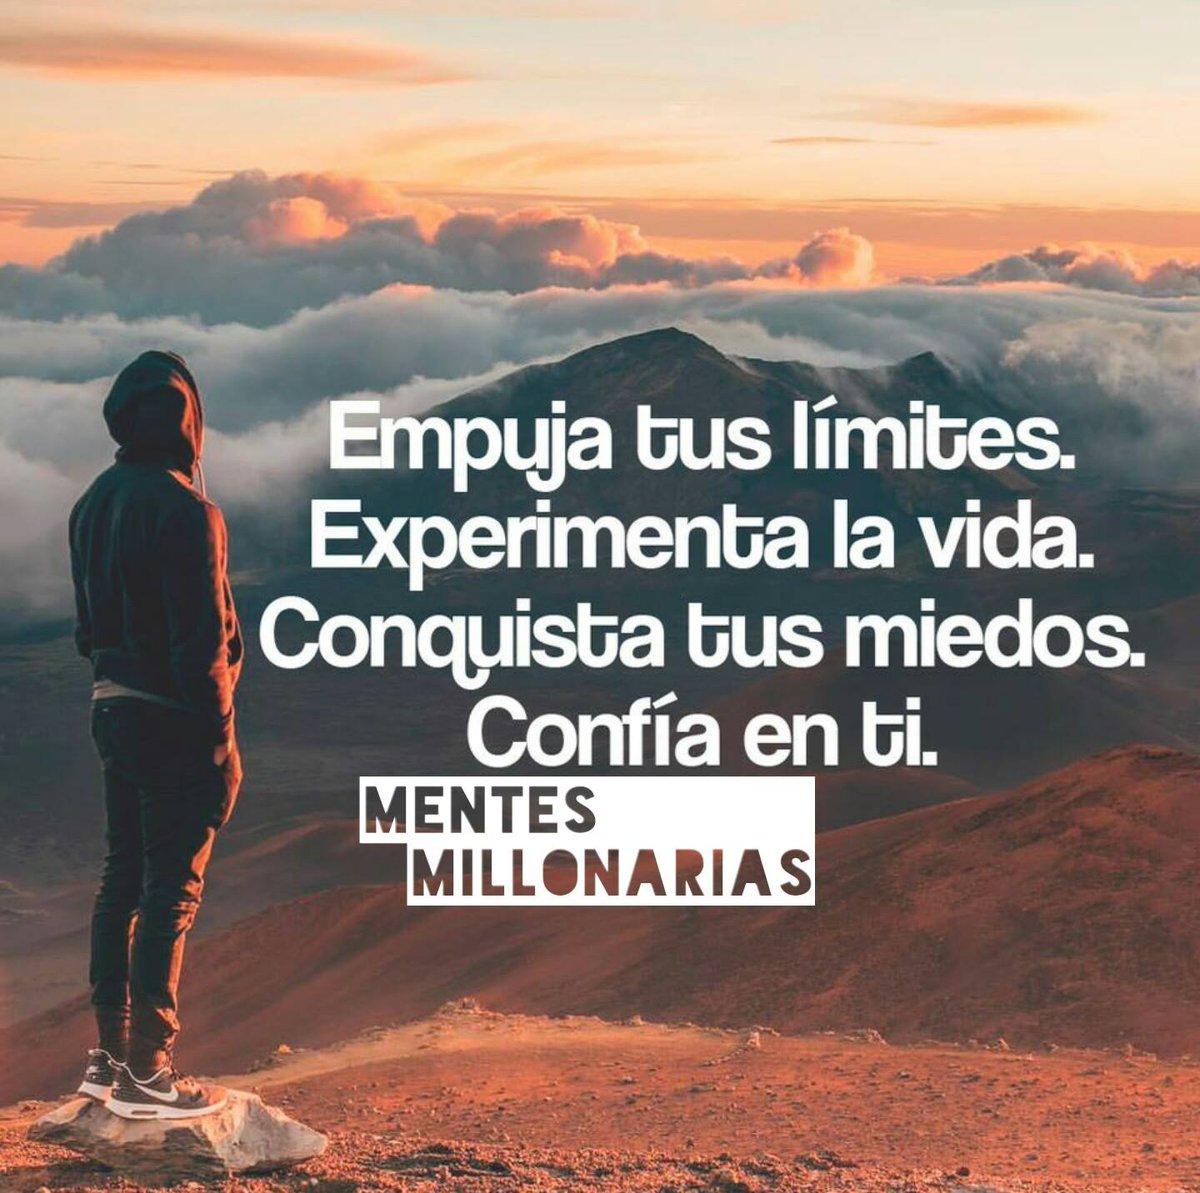 """New World Max در توییتر """"#LeyDeAtraccion #Abundancia #Plenitud #Espiritualidad #Amor #Prosperidad #Exito #Salud #EresLoQuePiensas #Bondad #Gratitud #Bienestar #CalidadDeVida #Felicidad #Meditacion #MentesMillonarias #inspiración #éxito ..."""